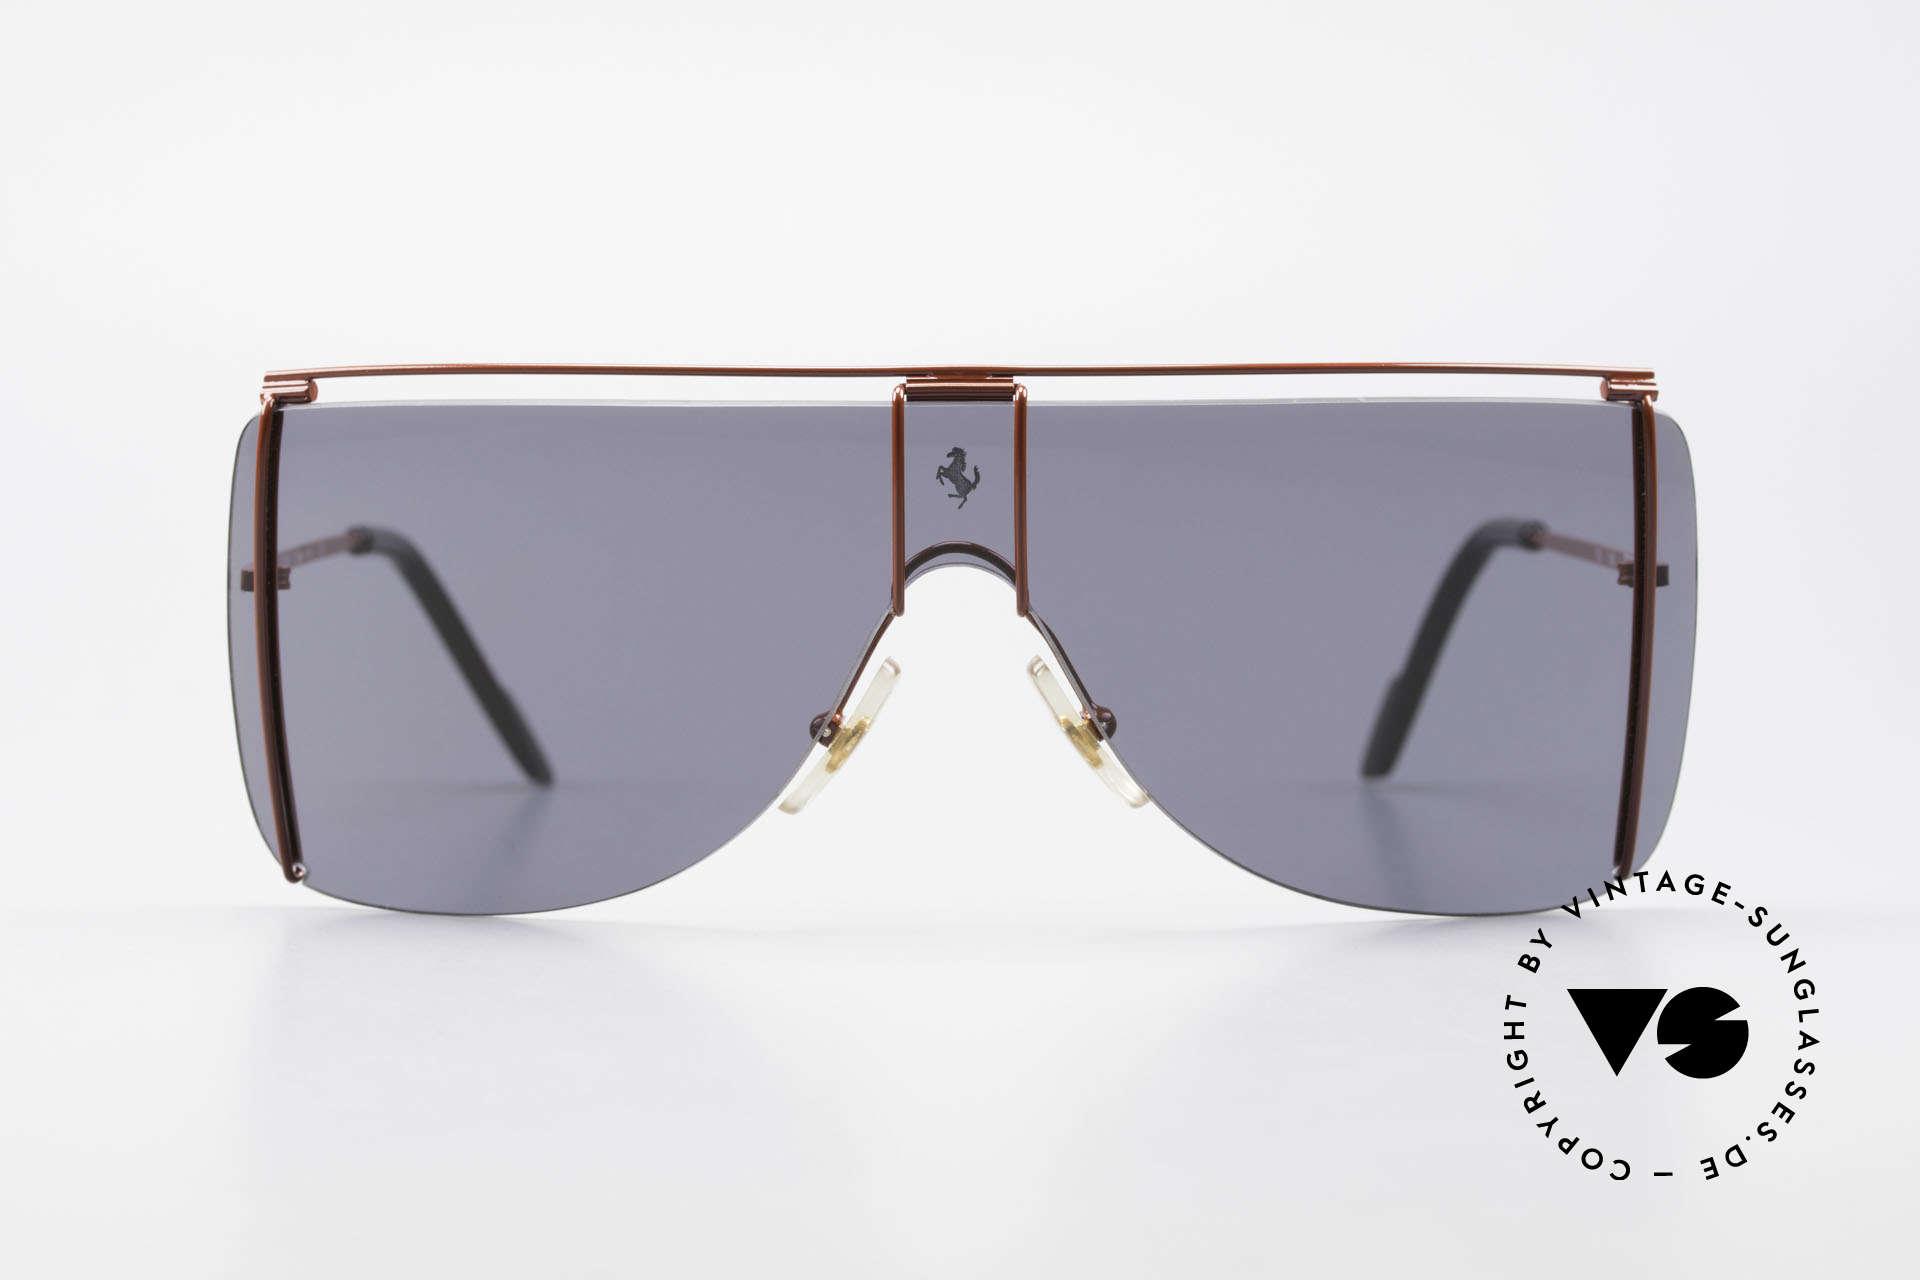 Ferrari F20/S Kylie Jenner Luxus Sonnenbrille, Panorama-Scheibe für ideale 'Rundumsicht', Passend für Herren und Damen